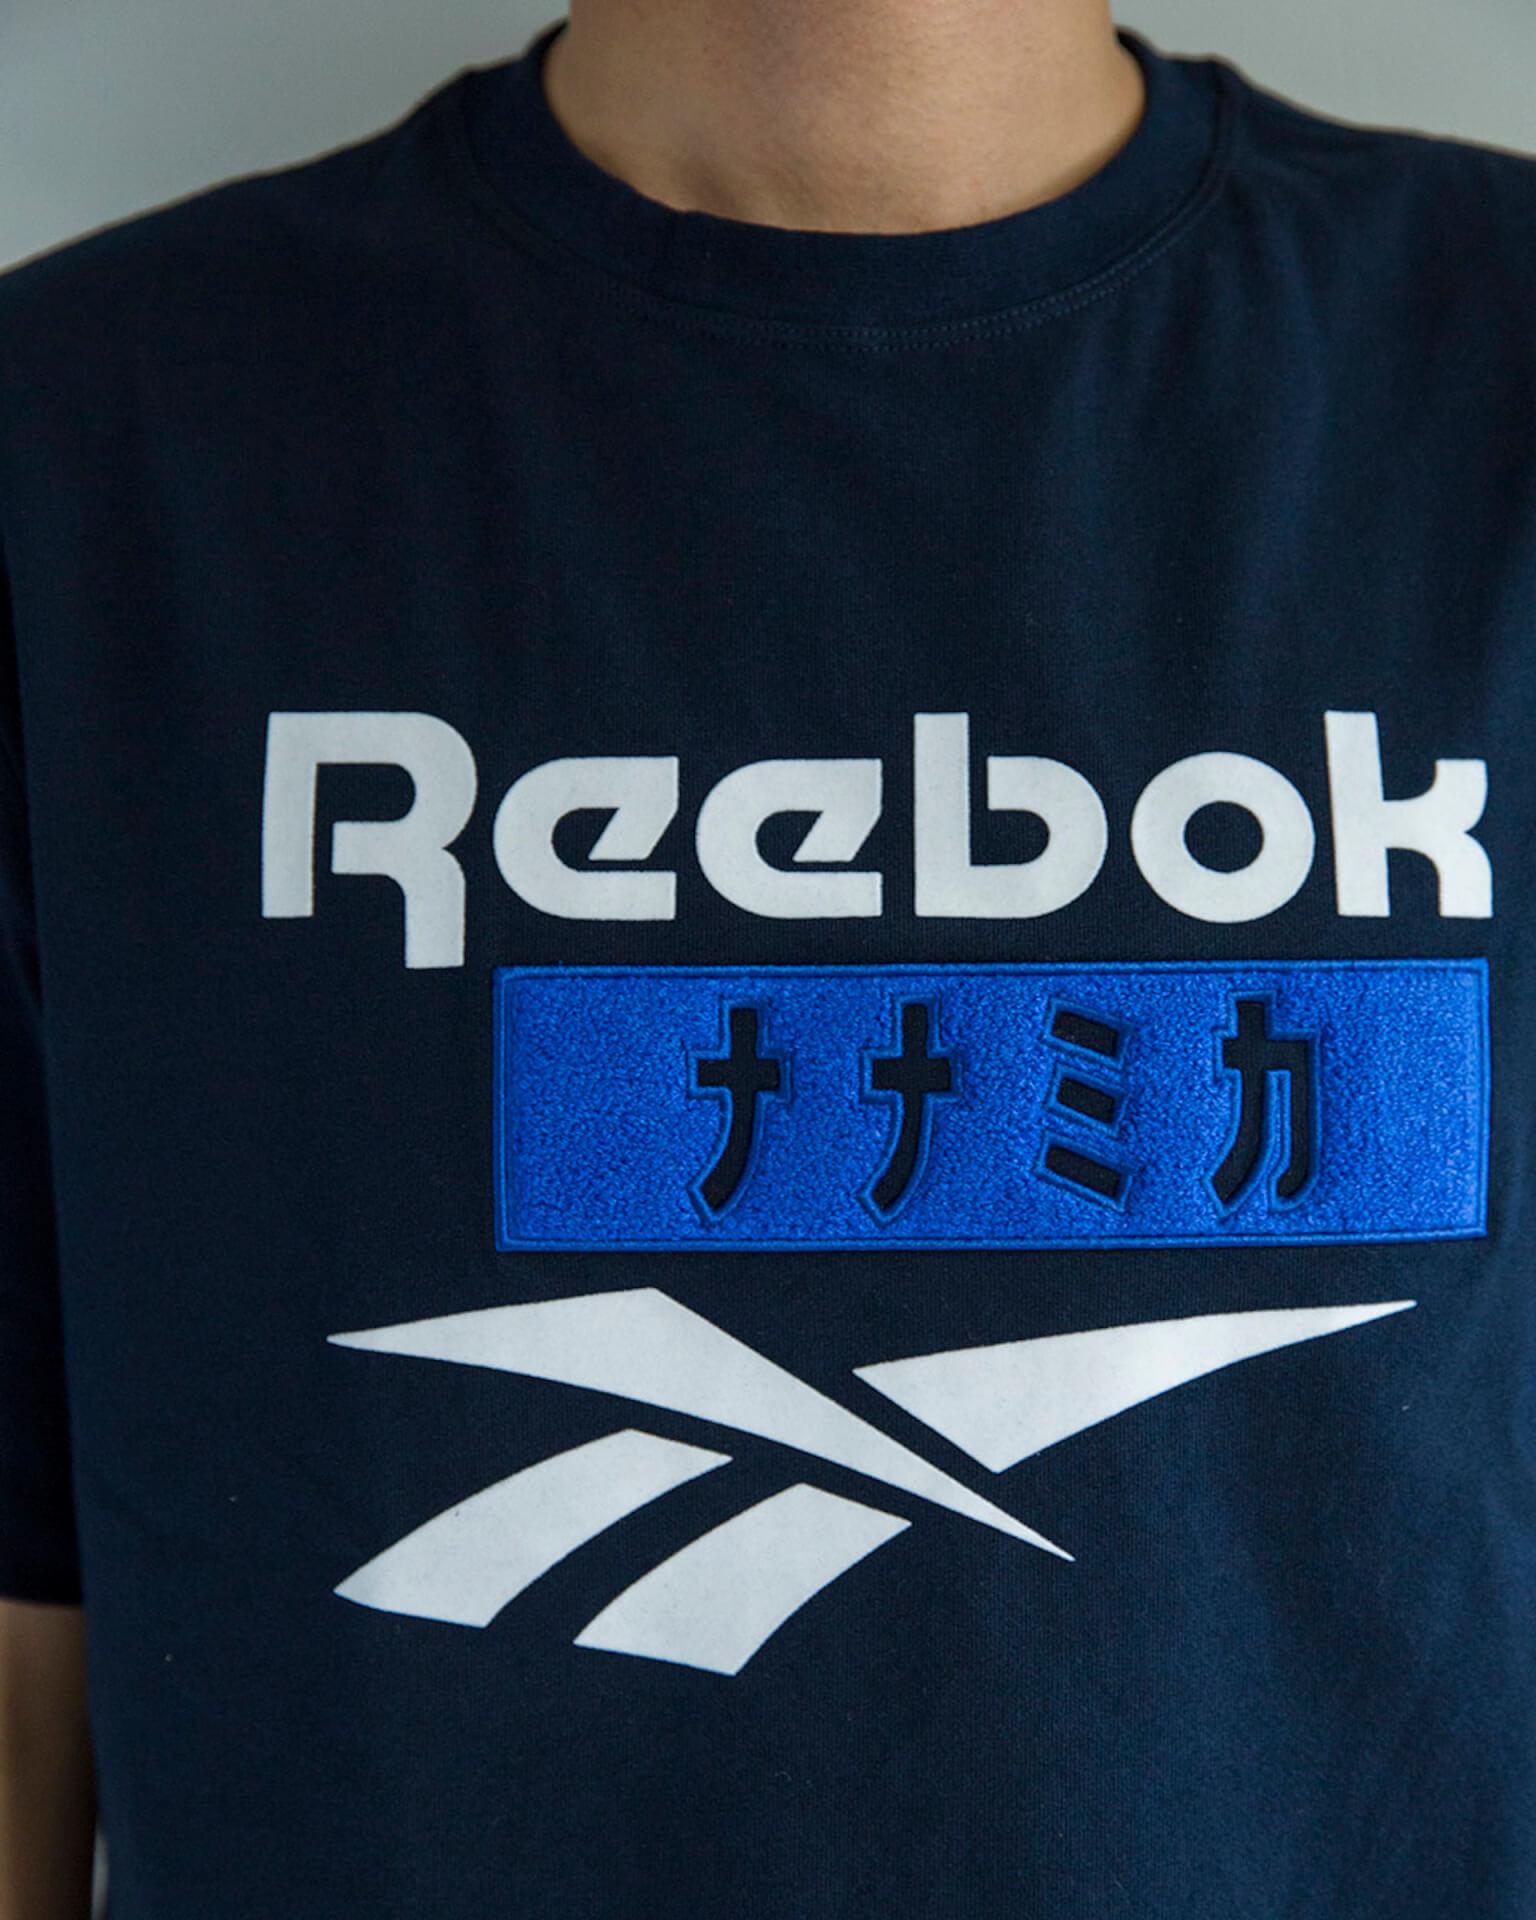 リーボック × nanamicaのコラボが実現!80年代の名作「ALIEN STOMPER」をベースにしたスニーカーも lifefashion_191121_reebok_4